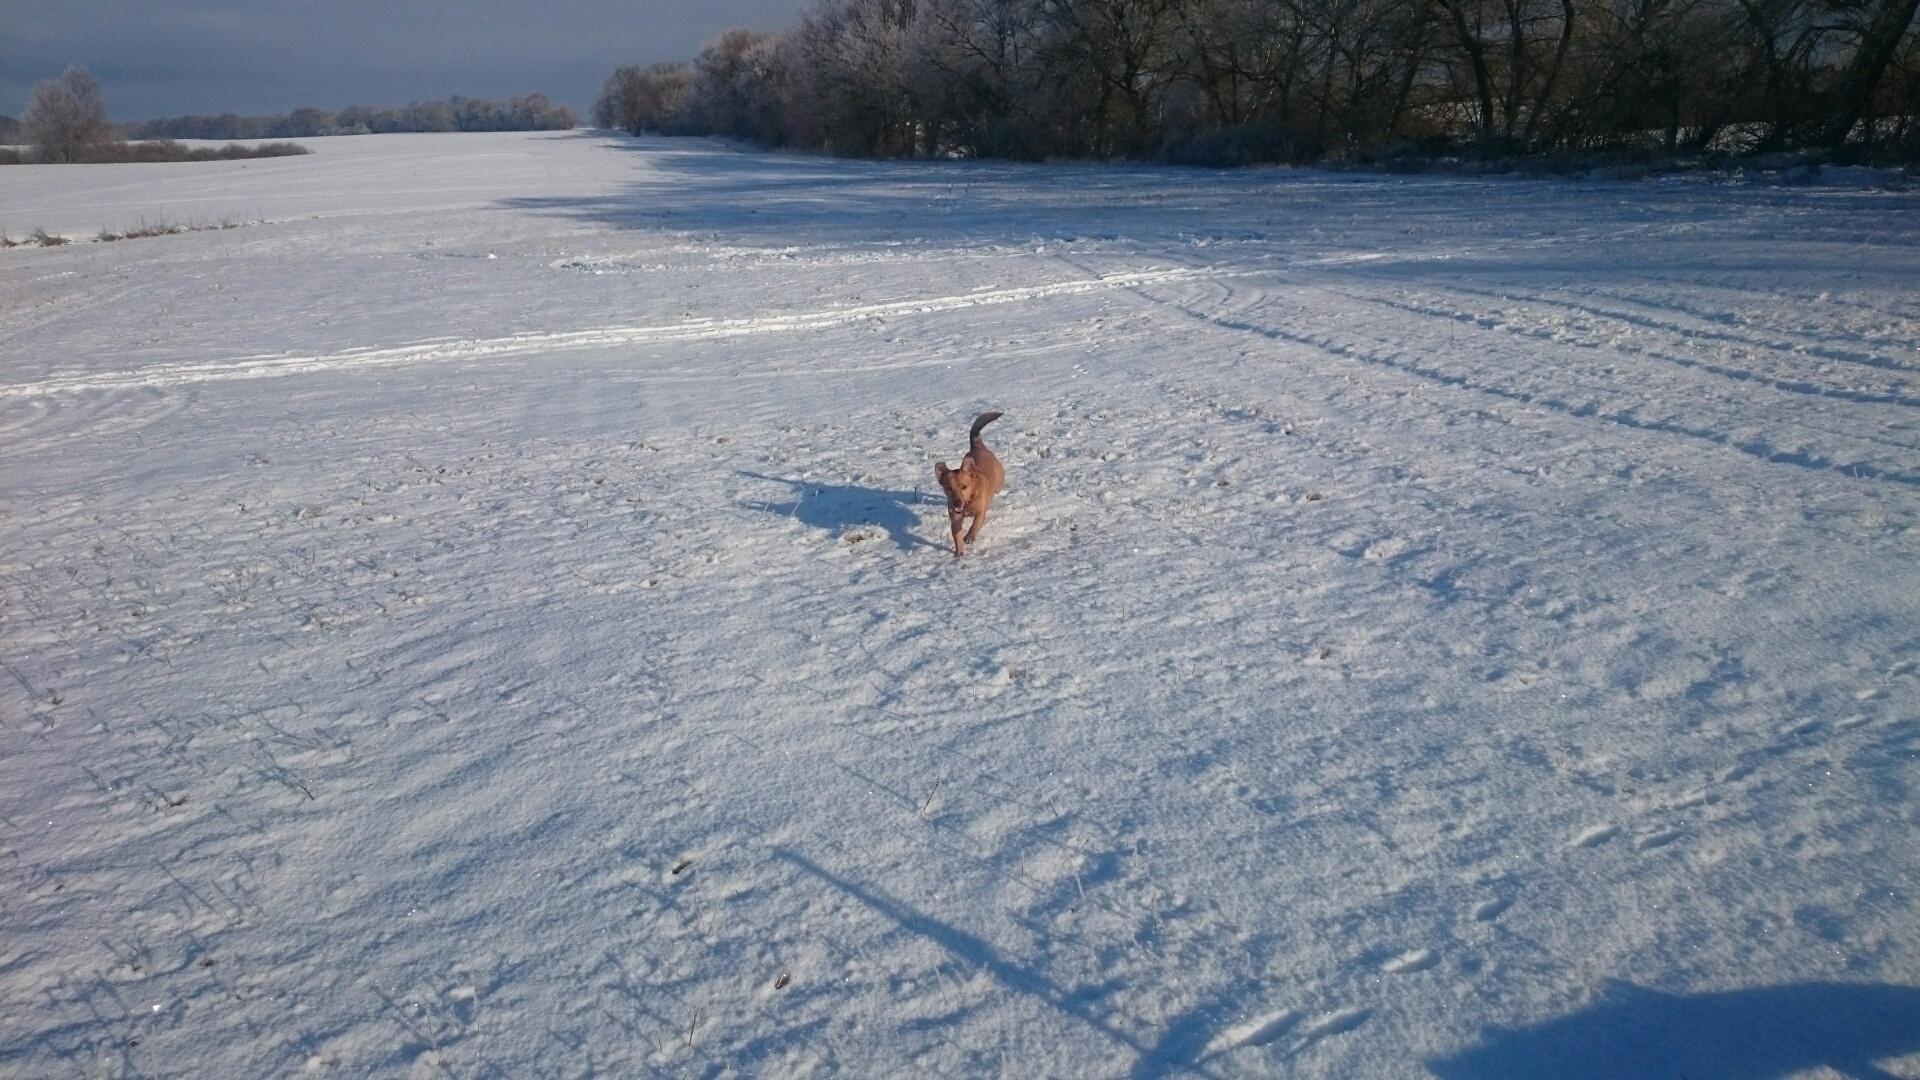 Hilarias Freude entwickeln Schnee Mecklenburg Sonne